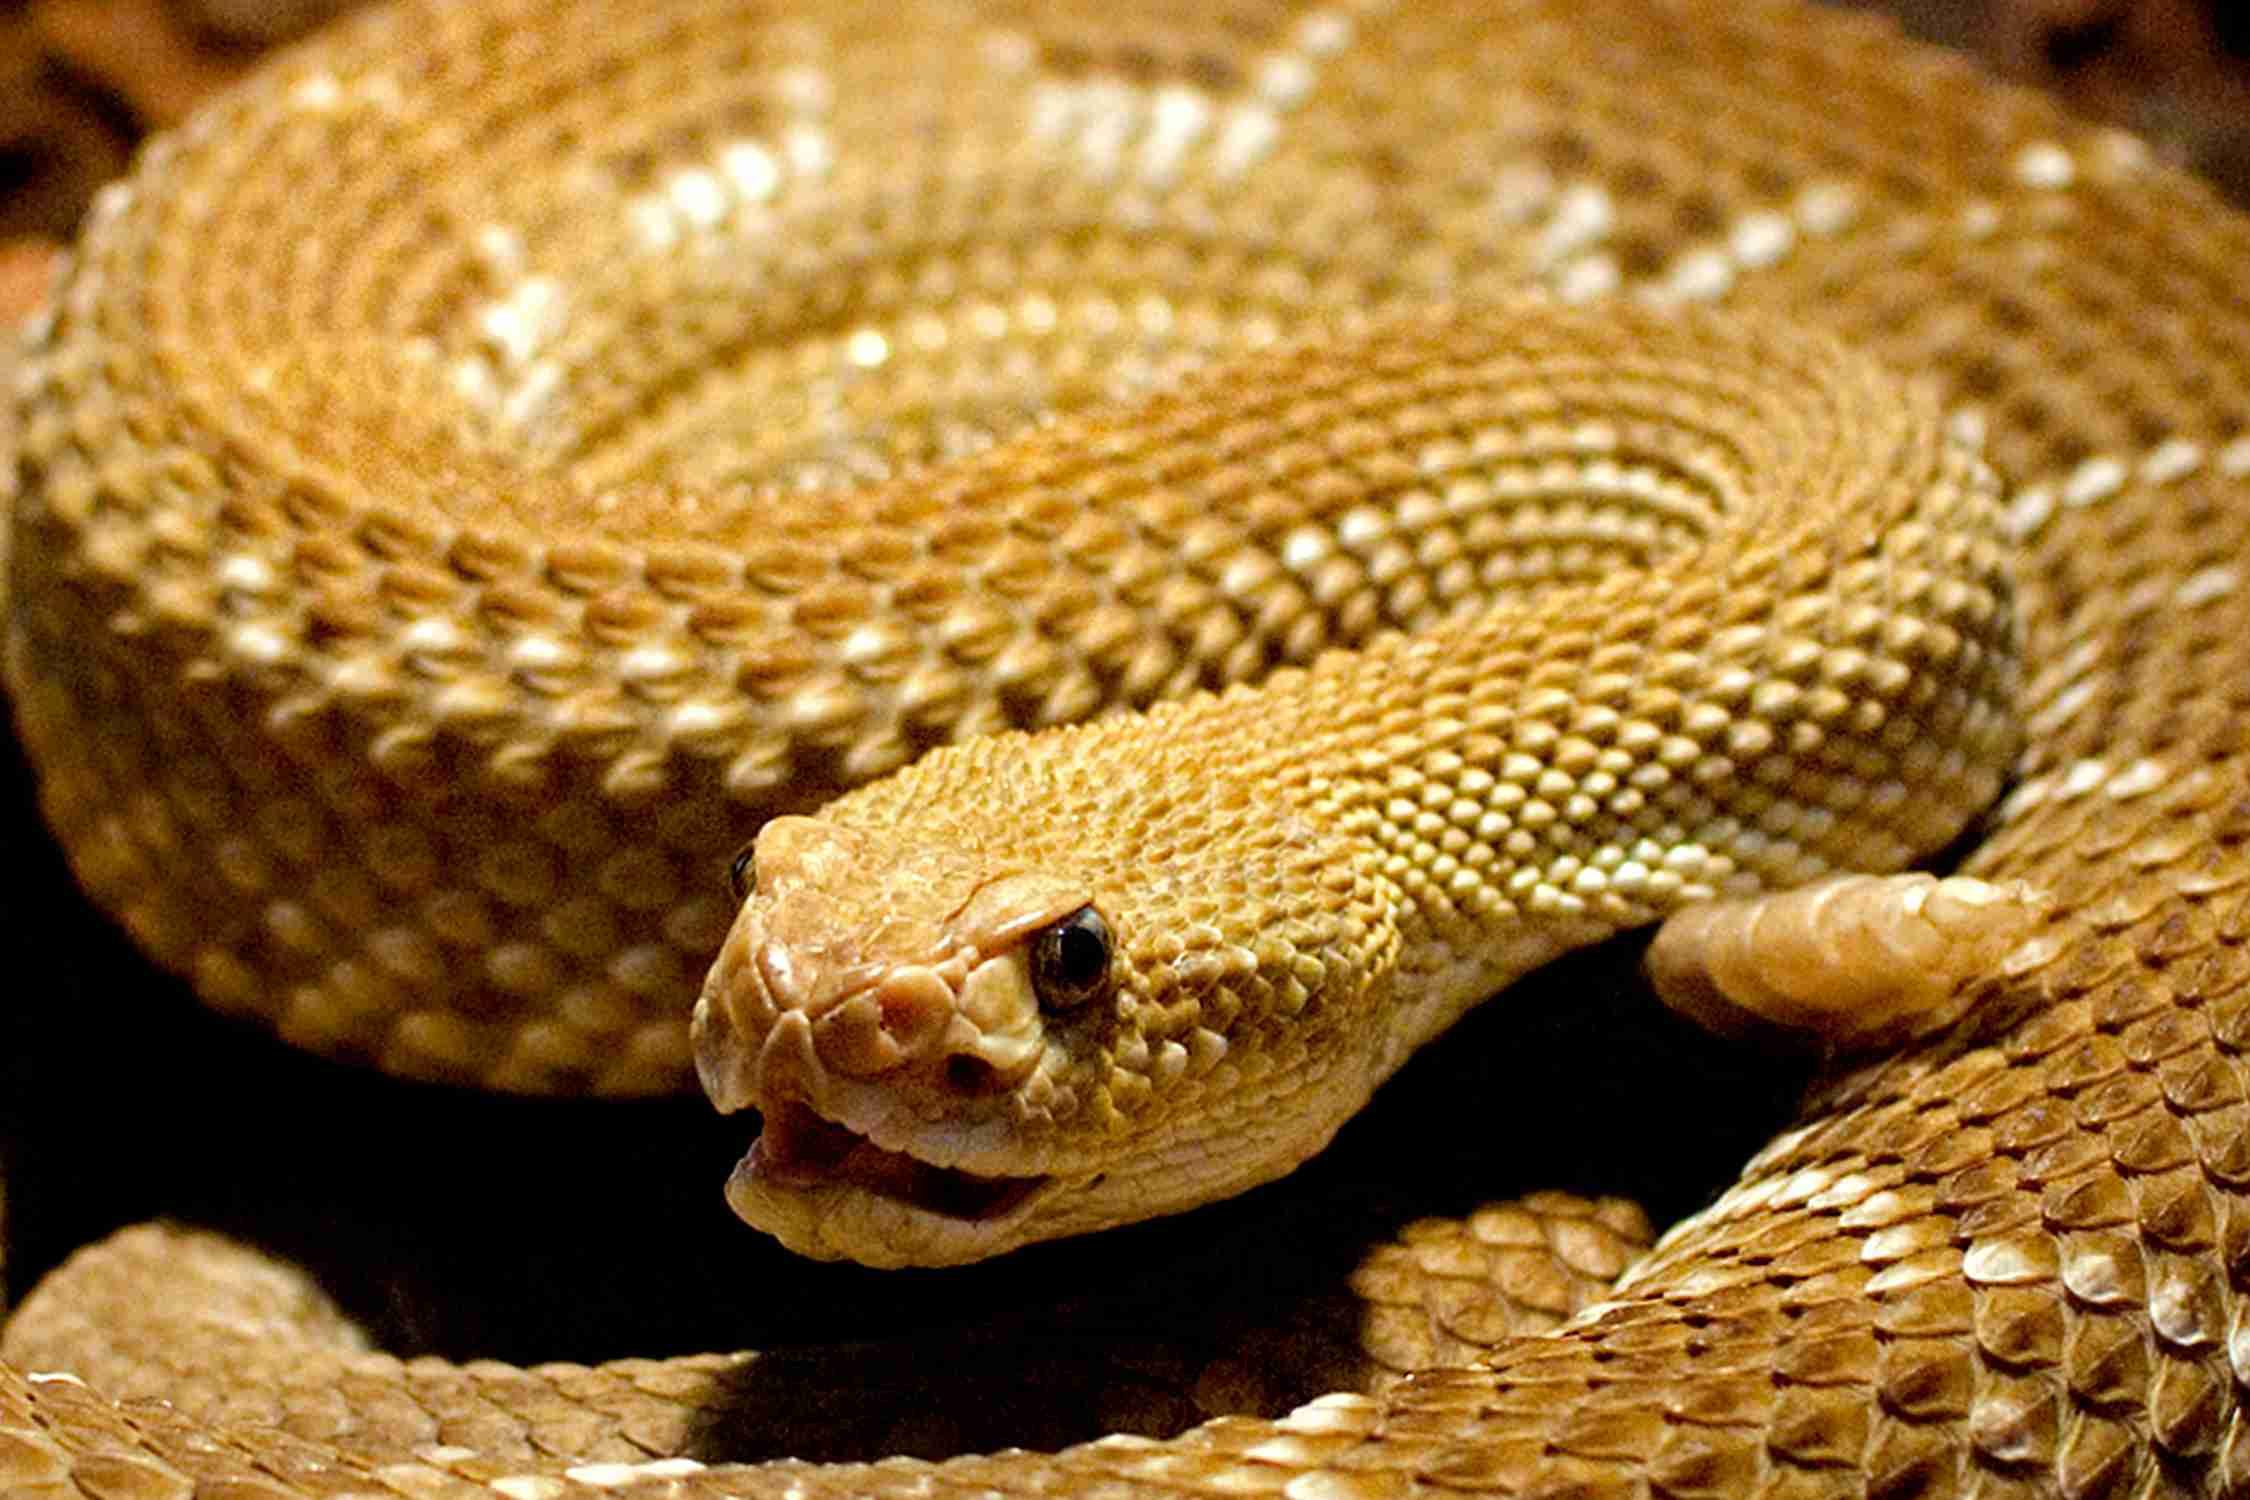 Rattlesnake - Crotalus and Sistrurus